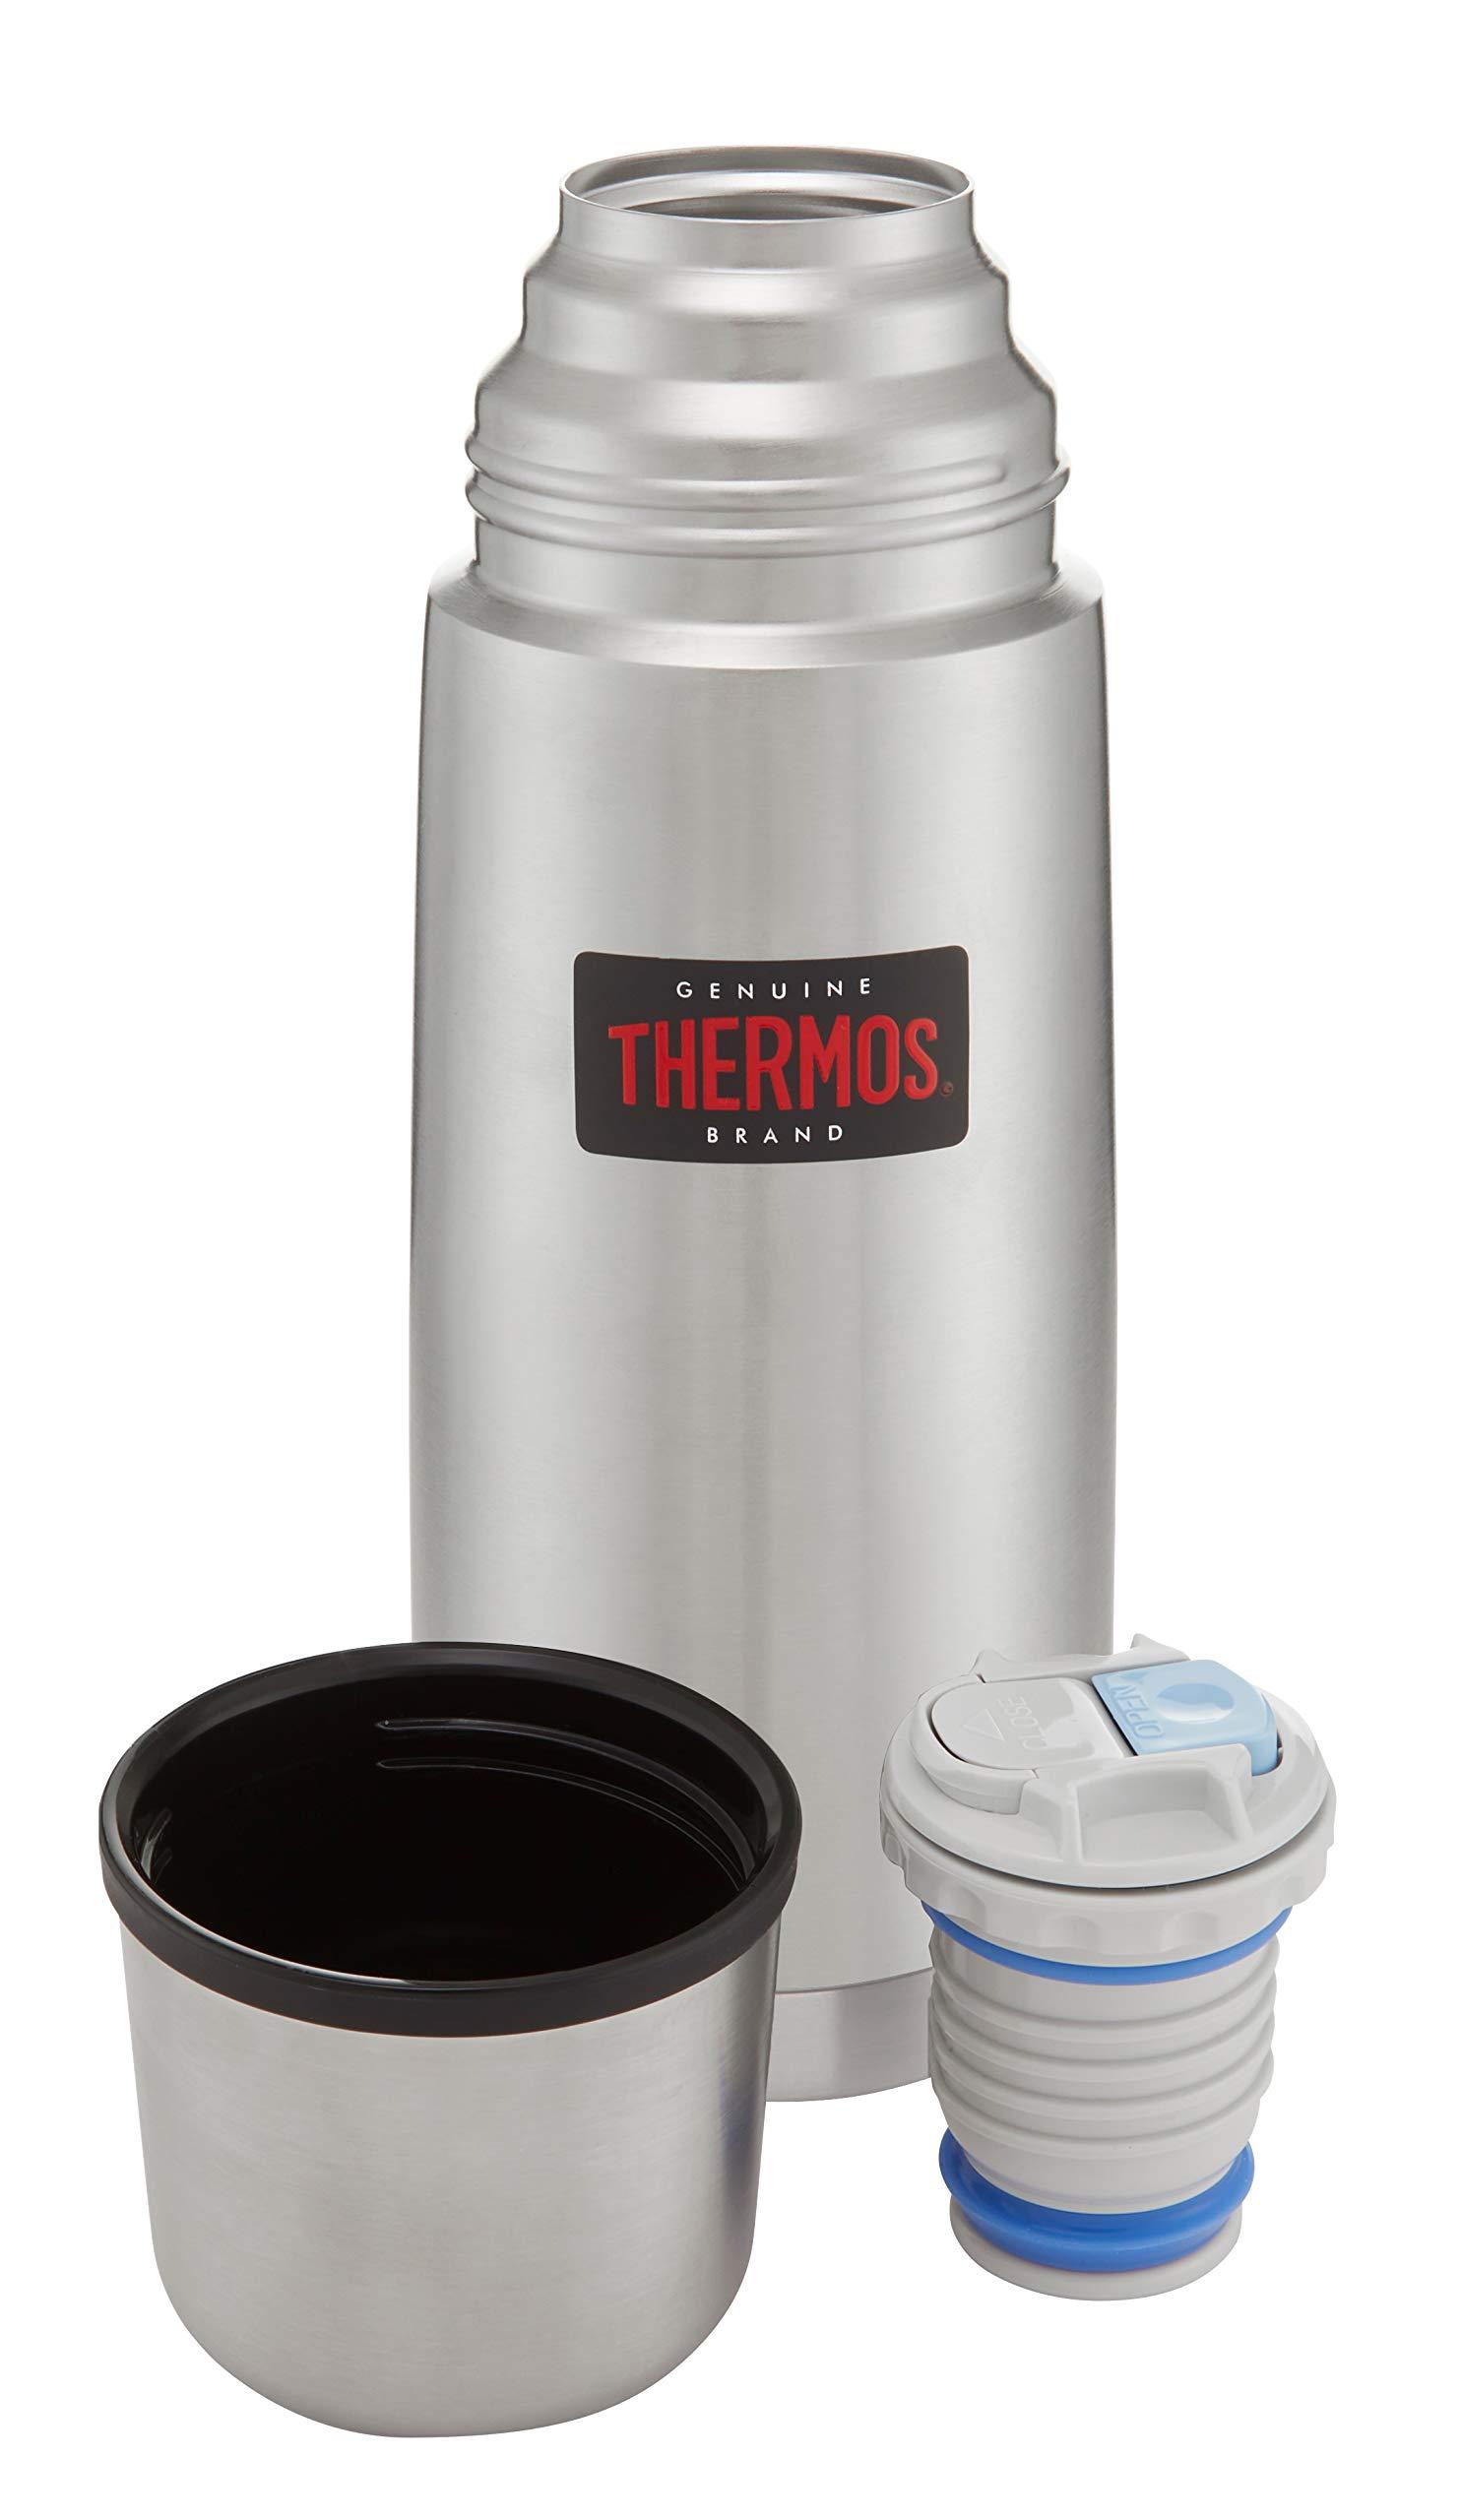 Thermos - Termo (acero inoxidable, compacto y ligero, 0,35 L), color plateado: Amazon.es: Hogar